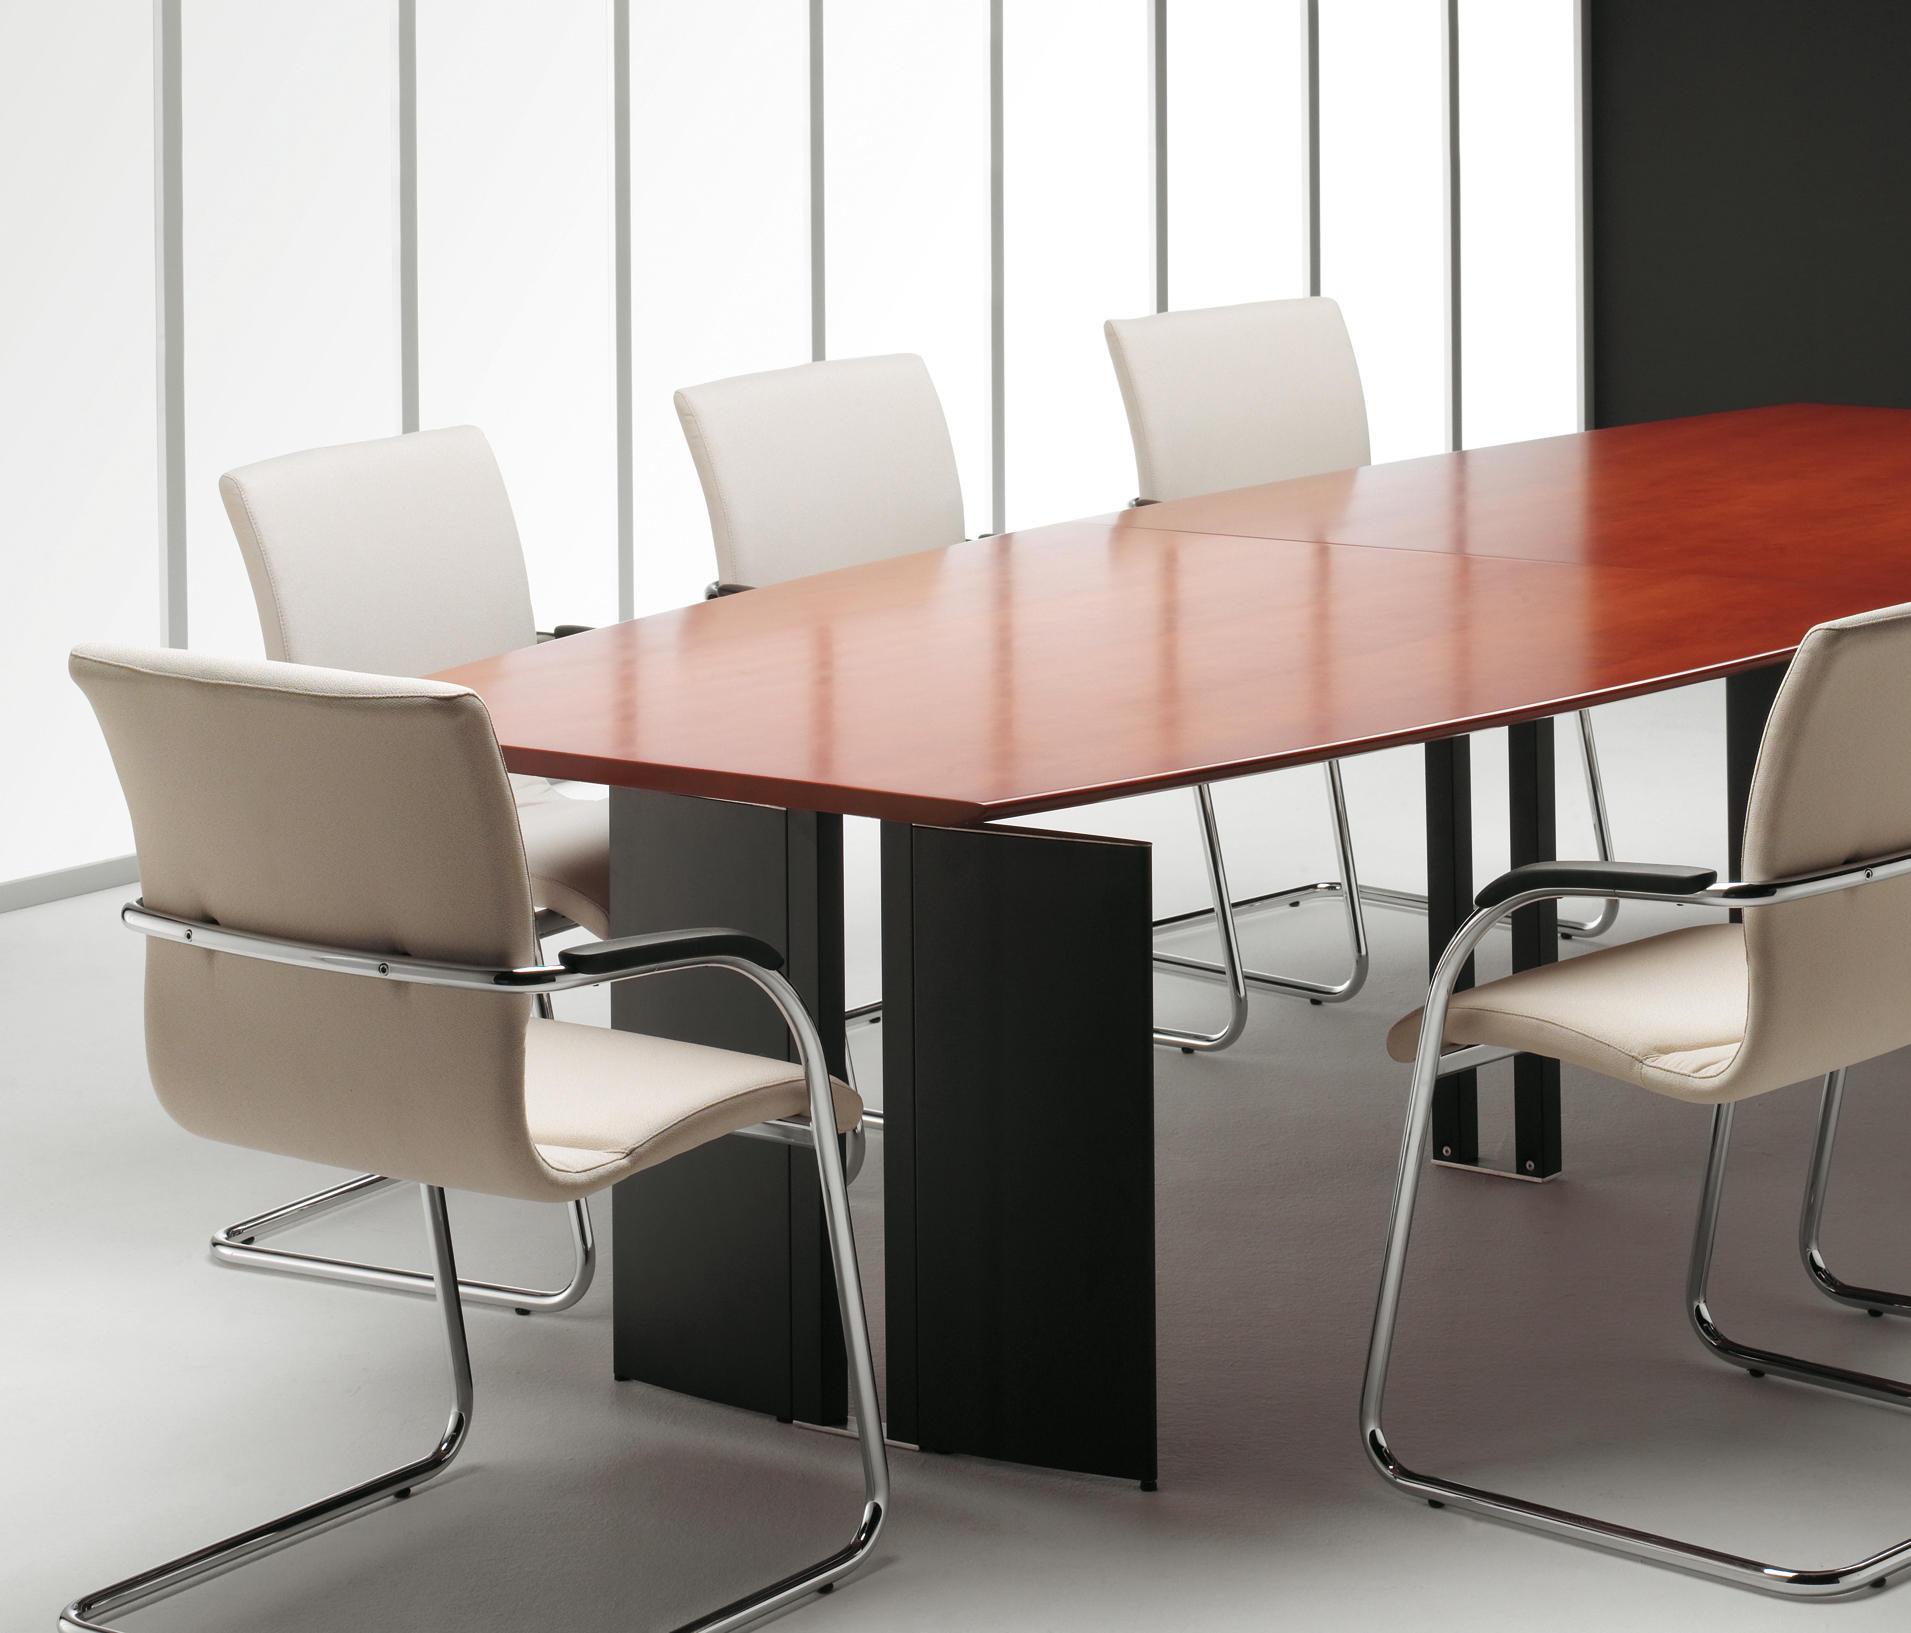 Mater tables de conf rence de famo architonic for 5 elements salon albuquerque